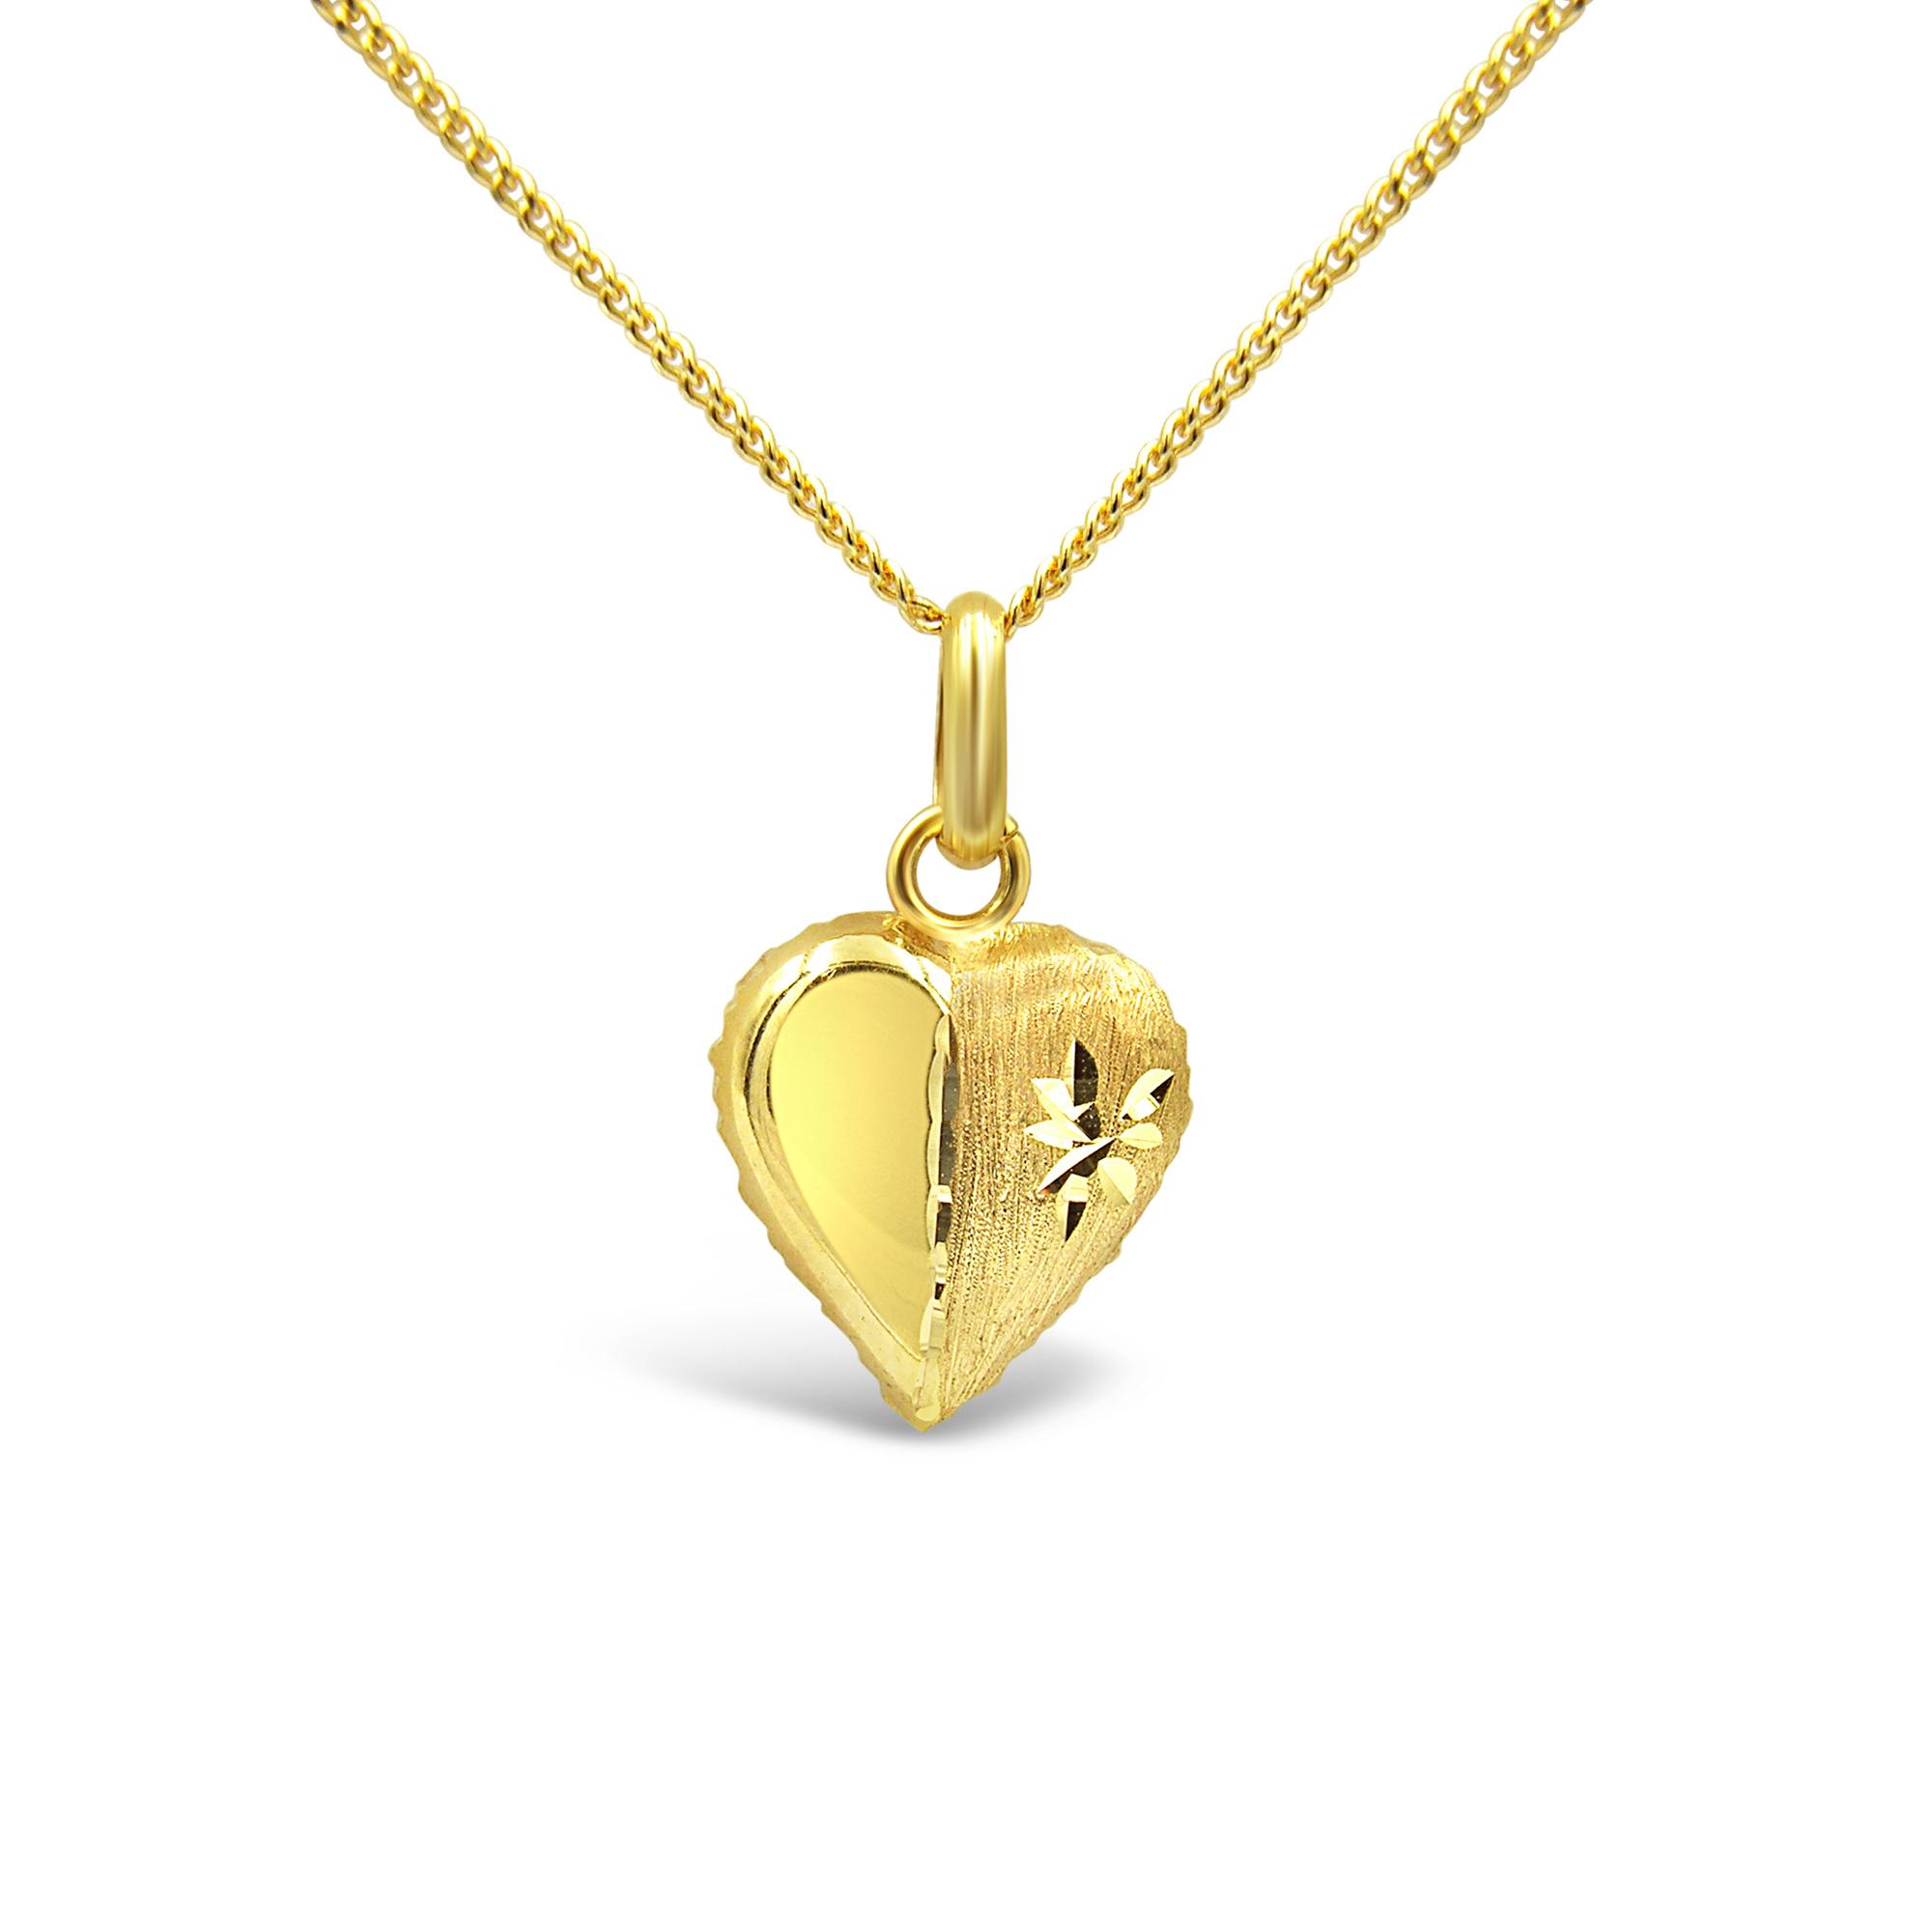 18 karaat geel goud hart hanger met mat & glanzend afwerking